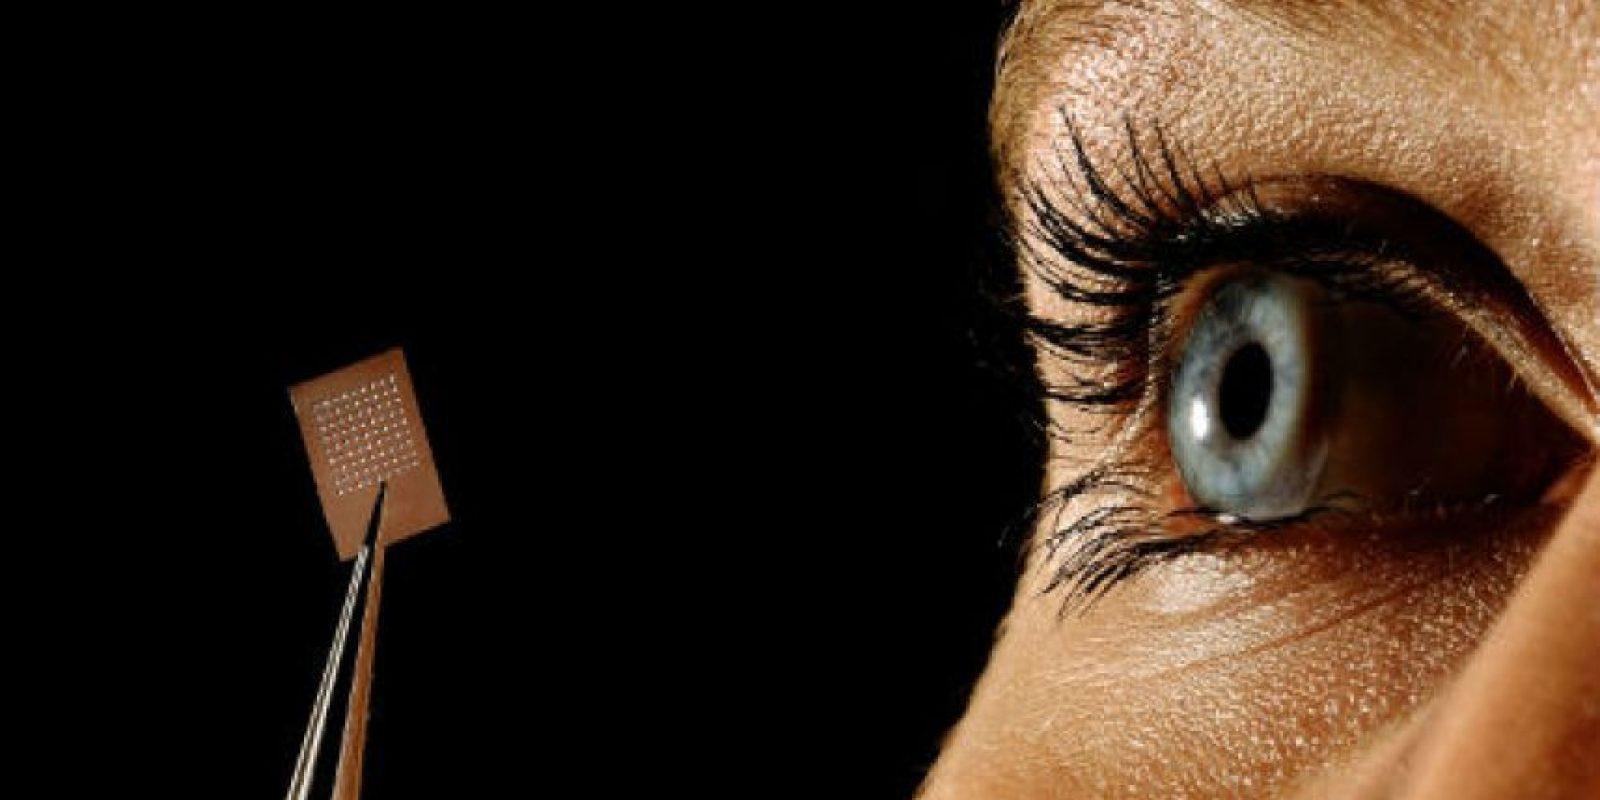 Los órganos que comúnmente son afectados incluyen los nervio ópticos, testículos, ovarios y pulmones, entre otros. Foto:Getty Images